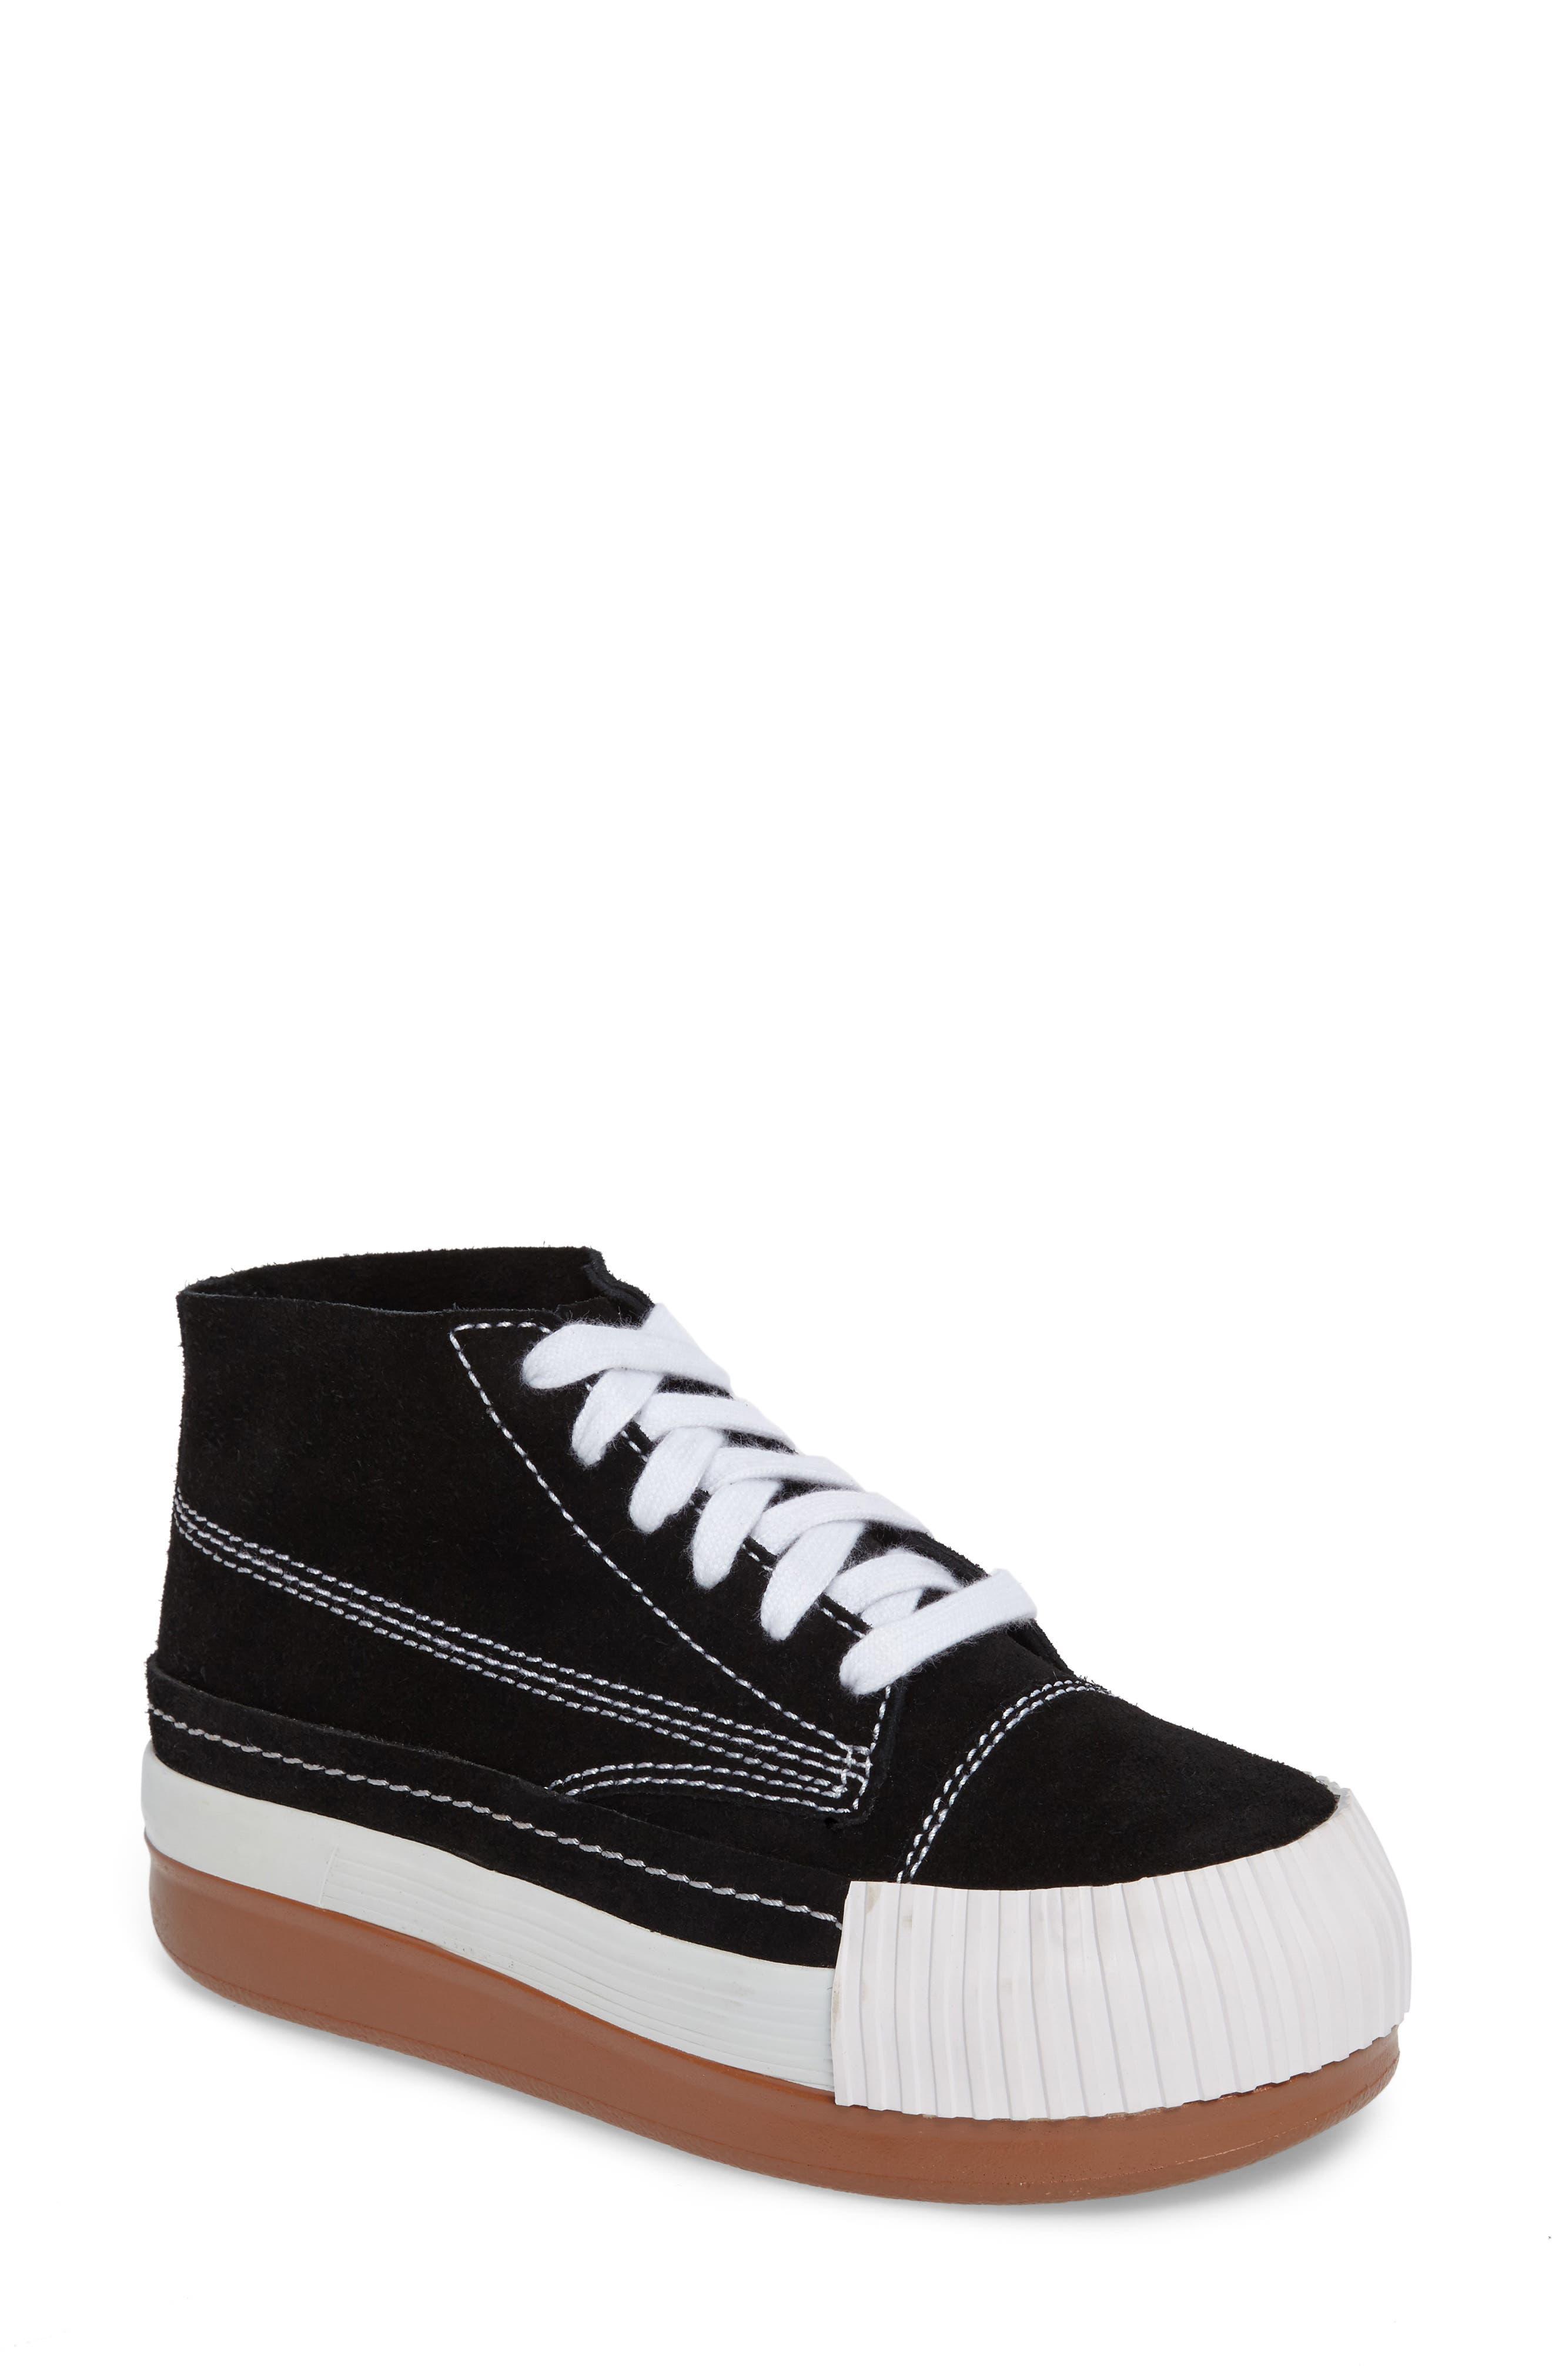 Jeffrey Campbell Kickflip Sneaker (Women)